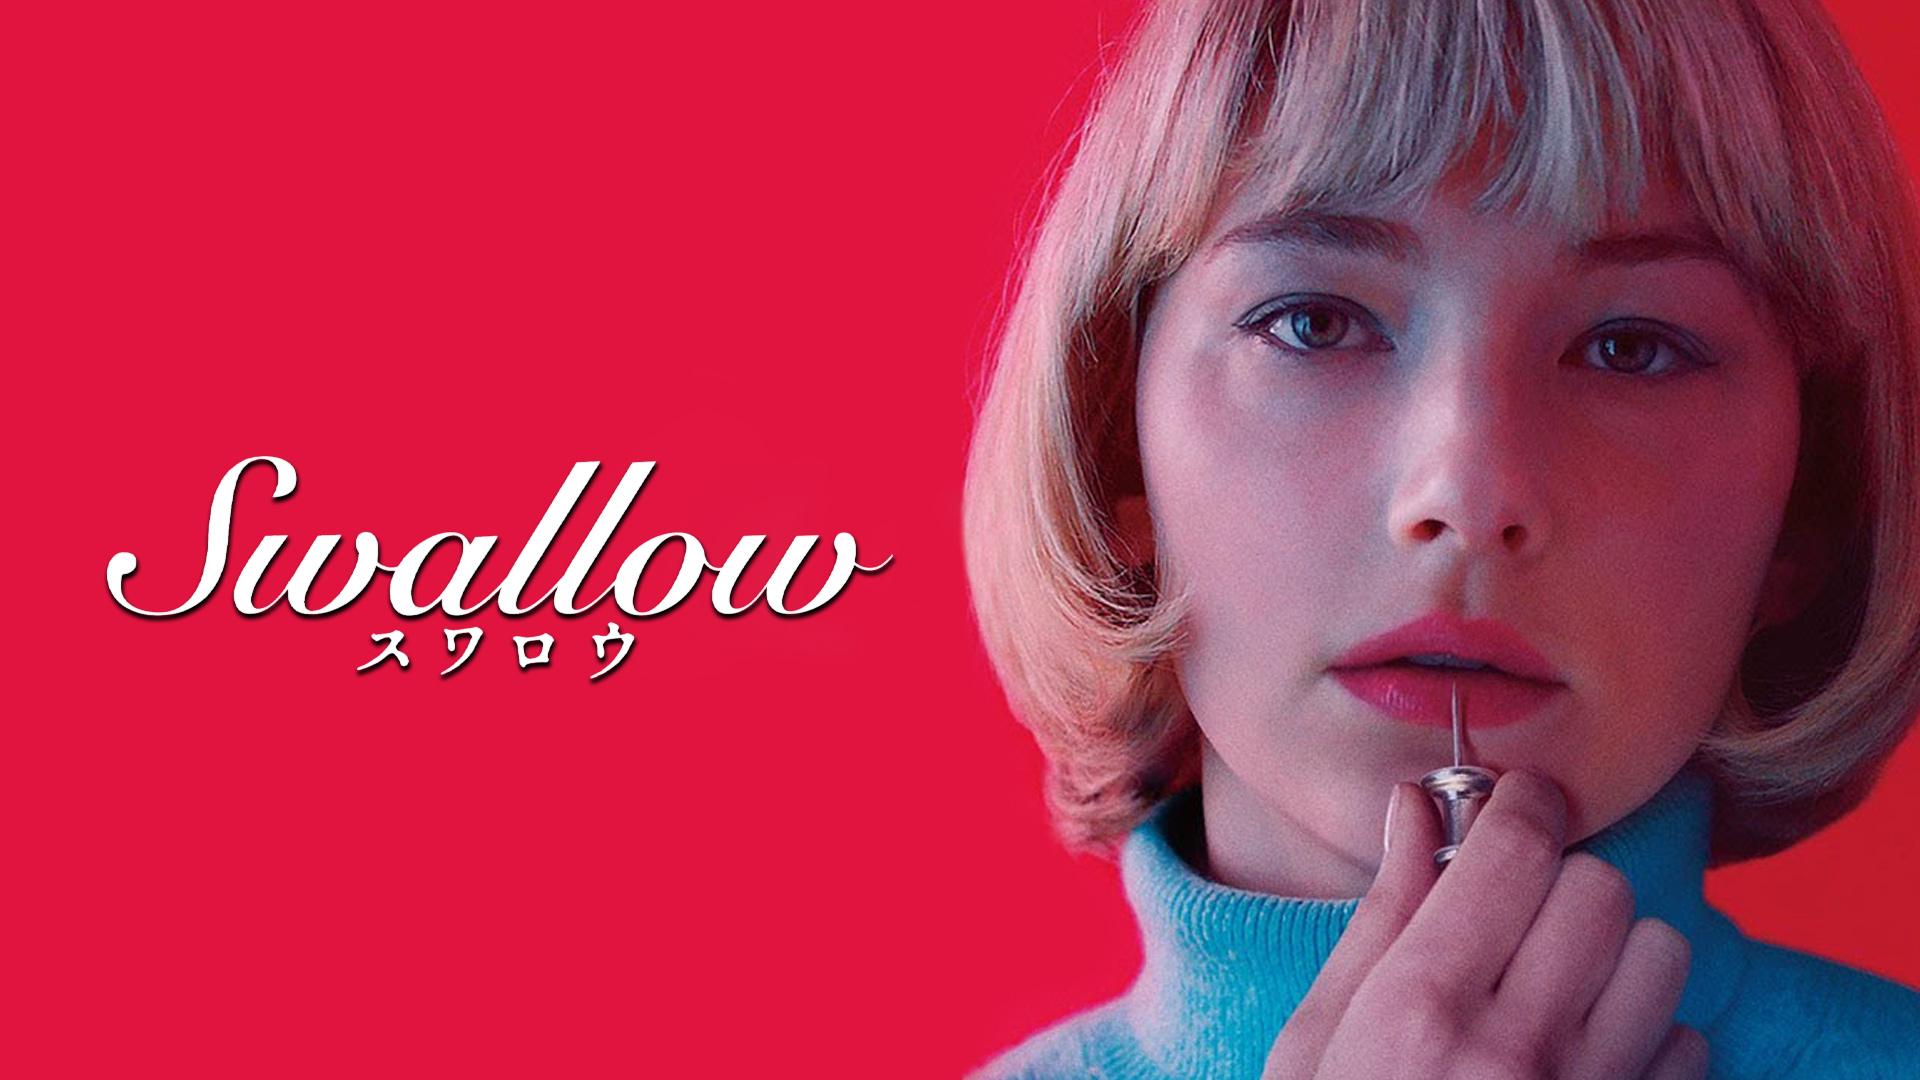 SWALLOW/スワロウ(字幕版)